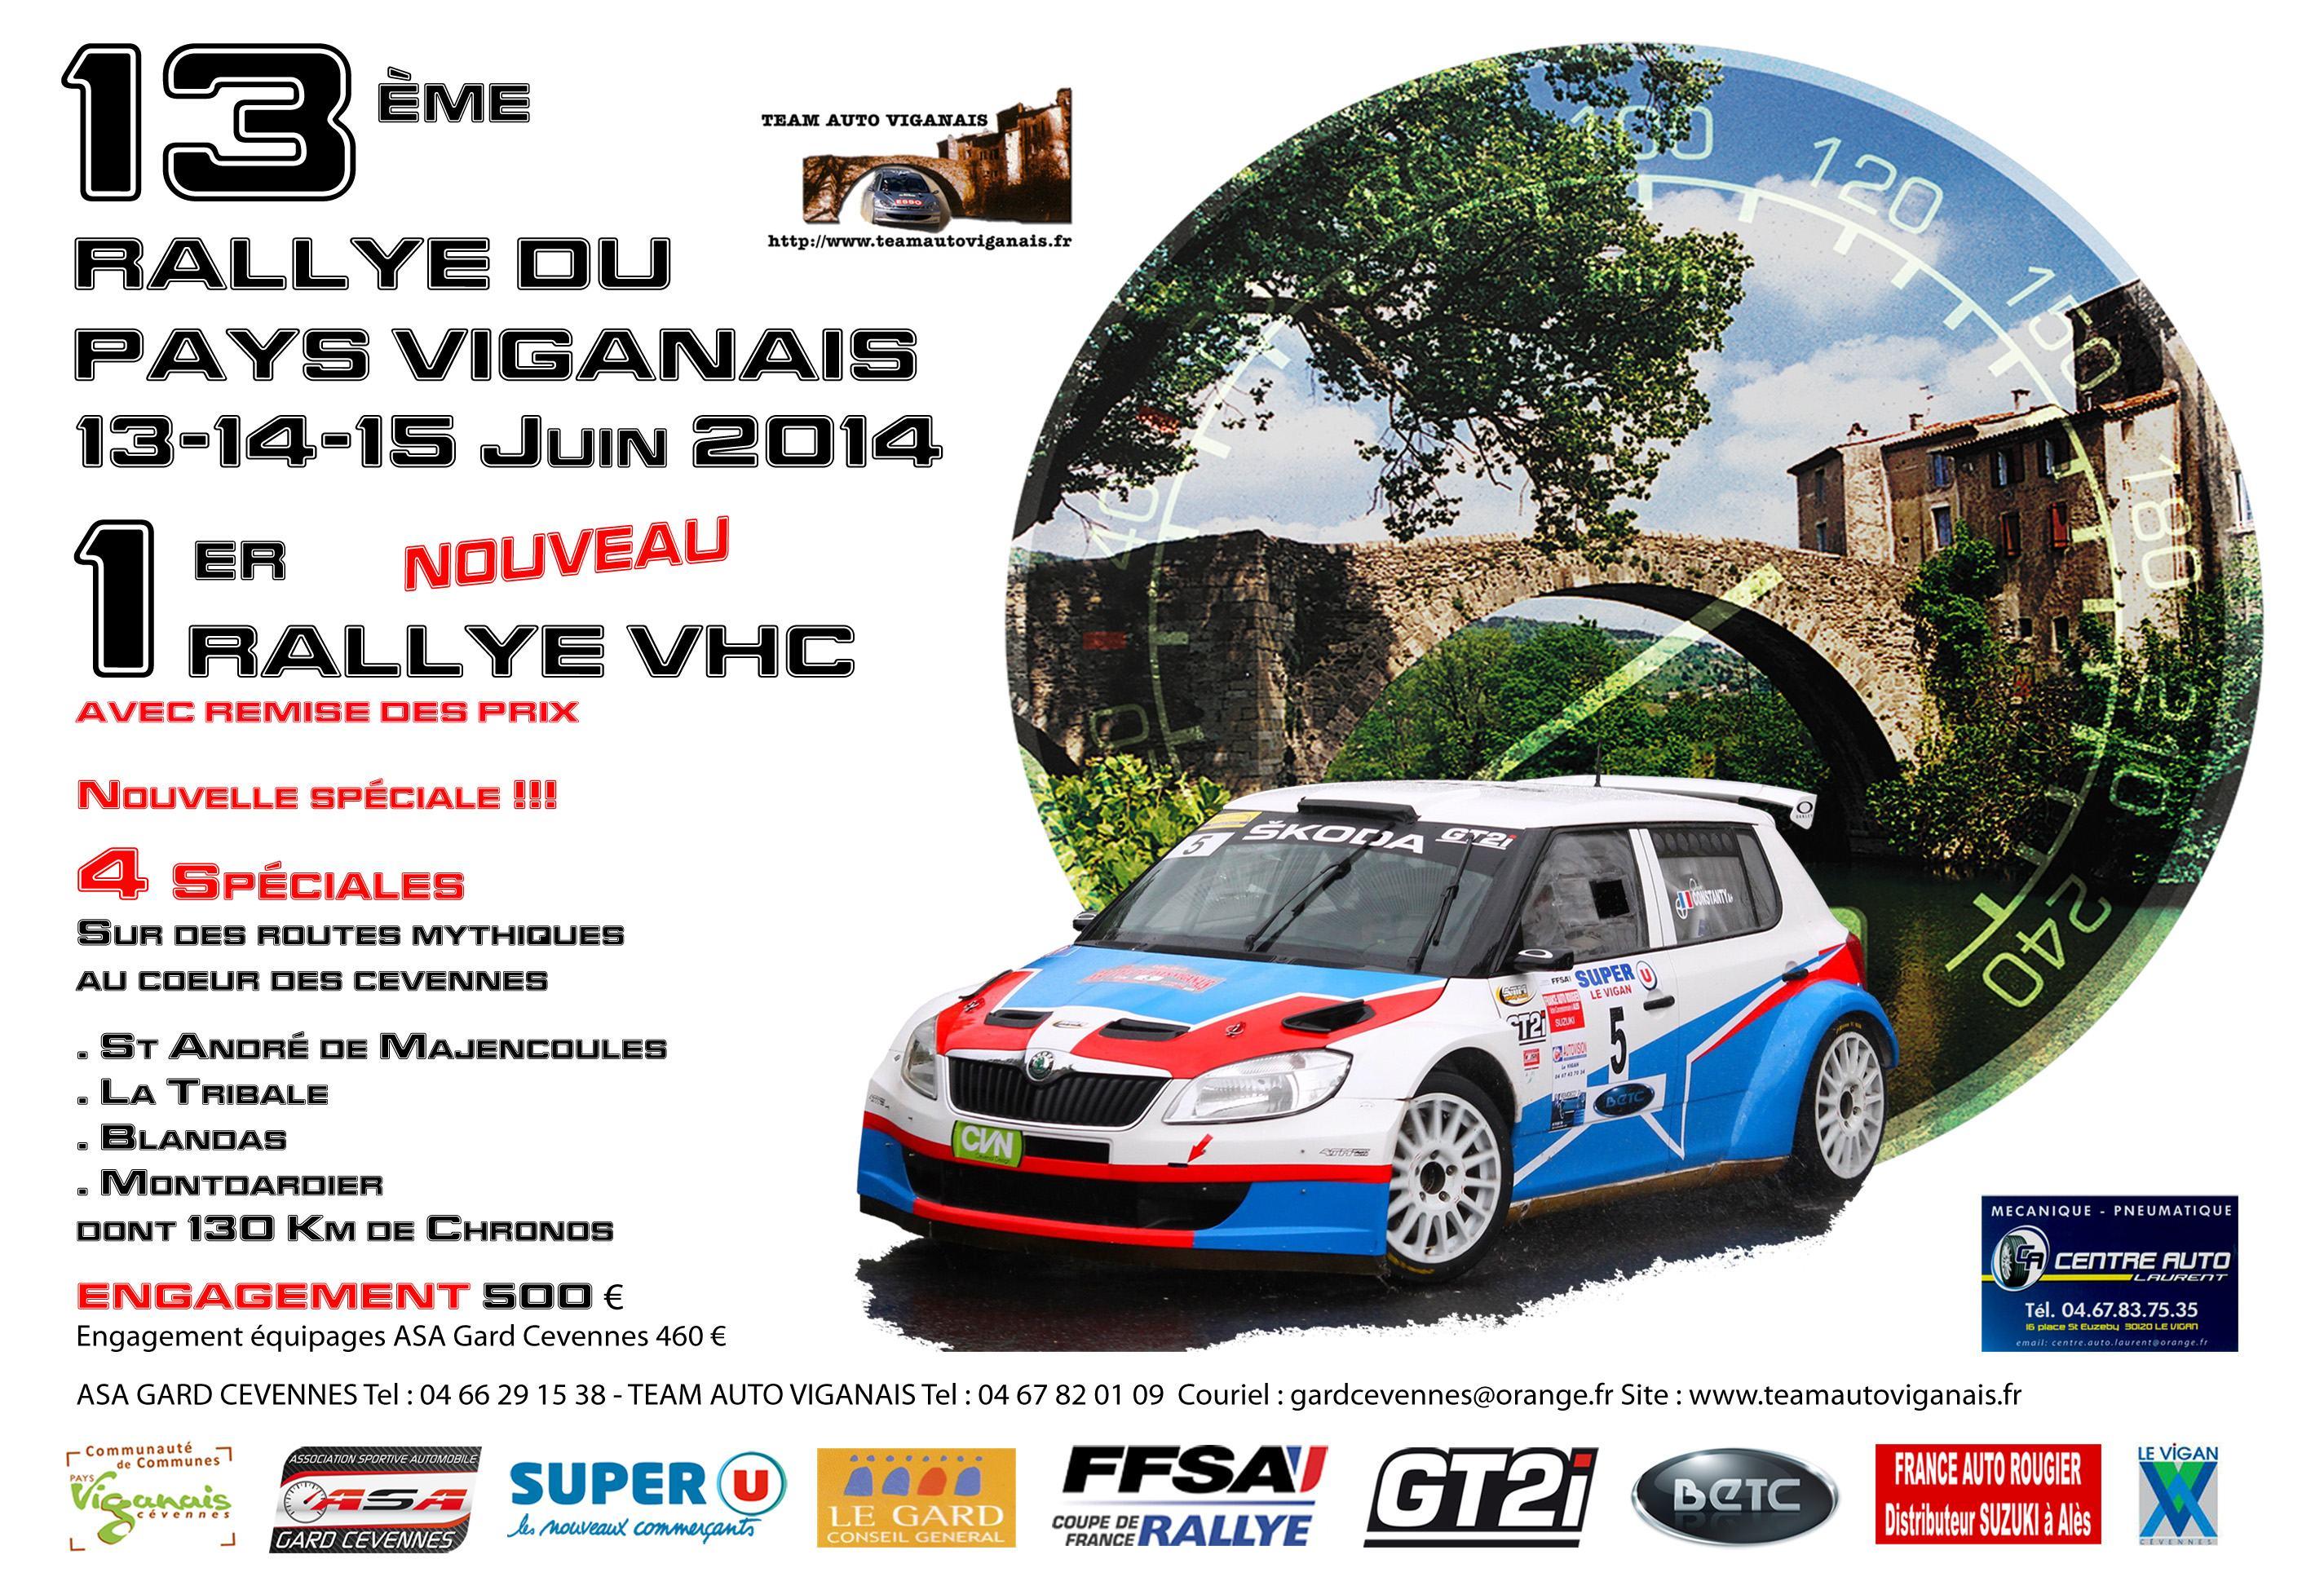 Rallye-Pays-Viganais-2014